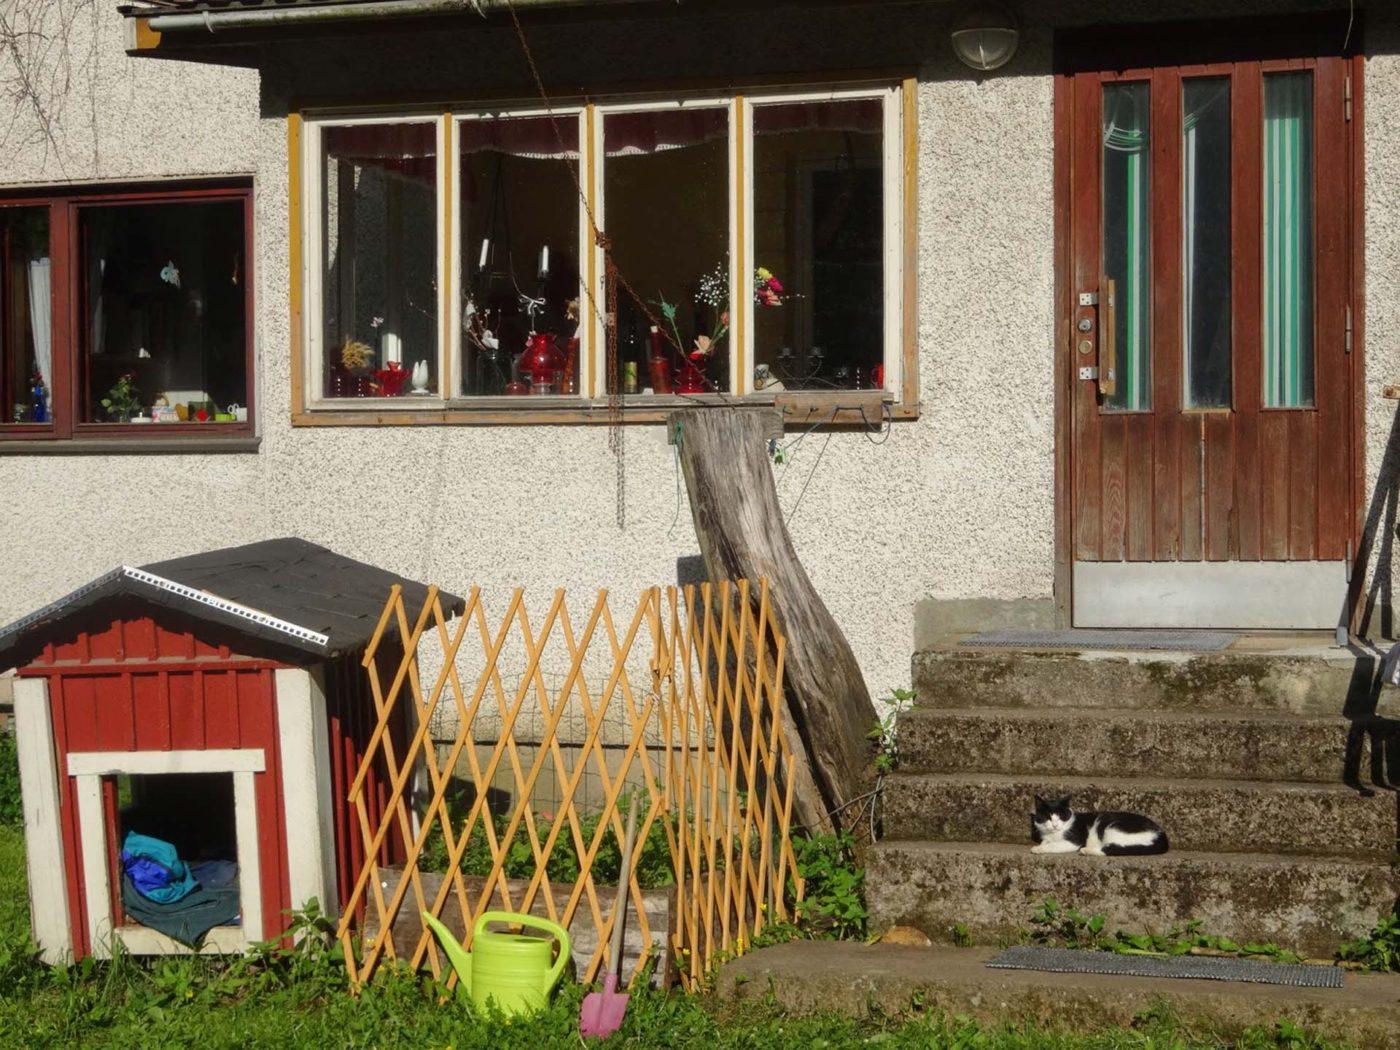 フィンランドのあれこれ 第3回「フィンランド ― 家と空間と人」